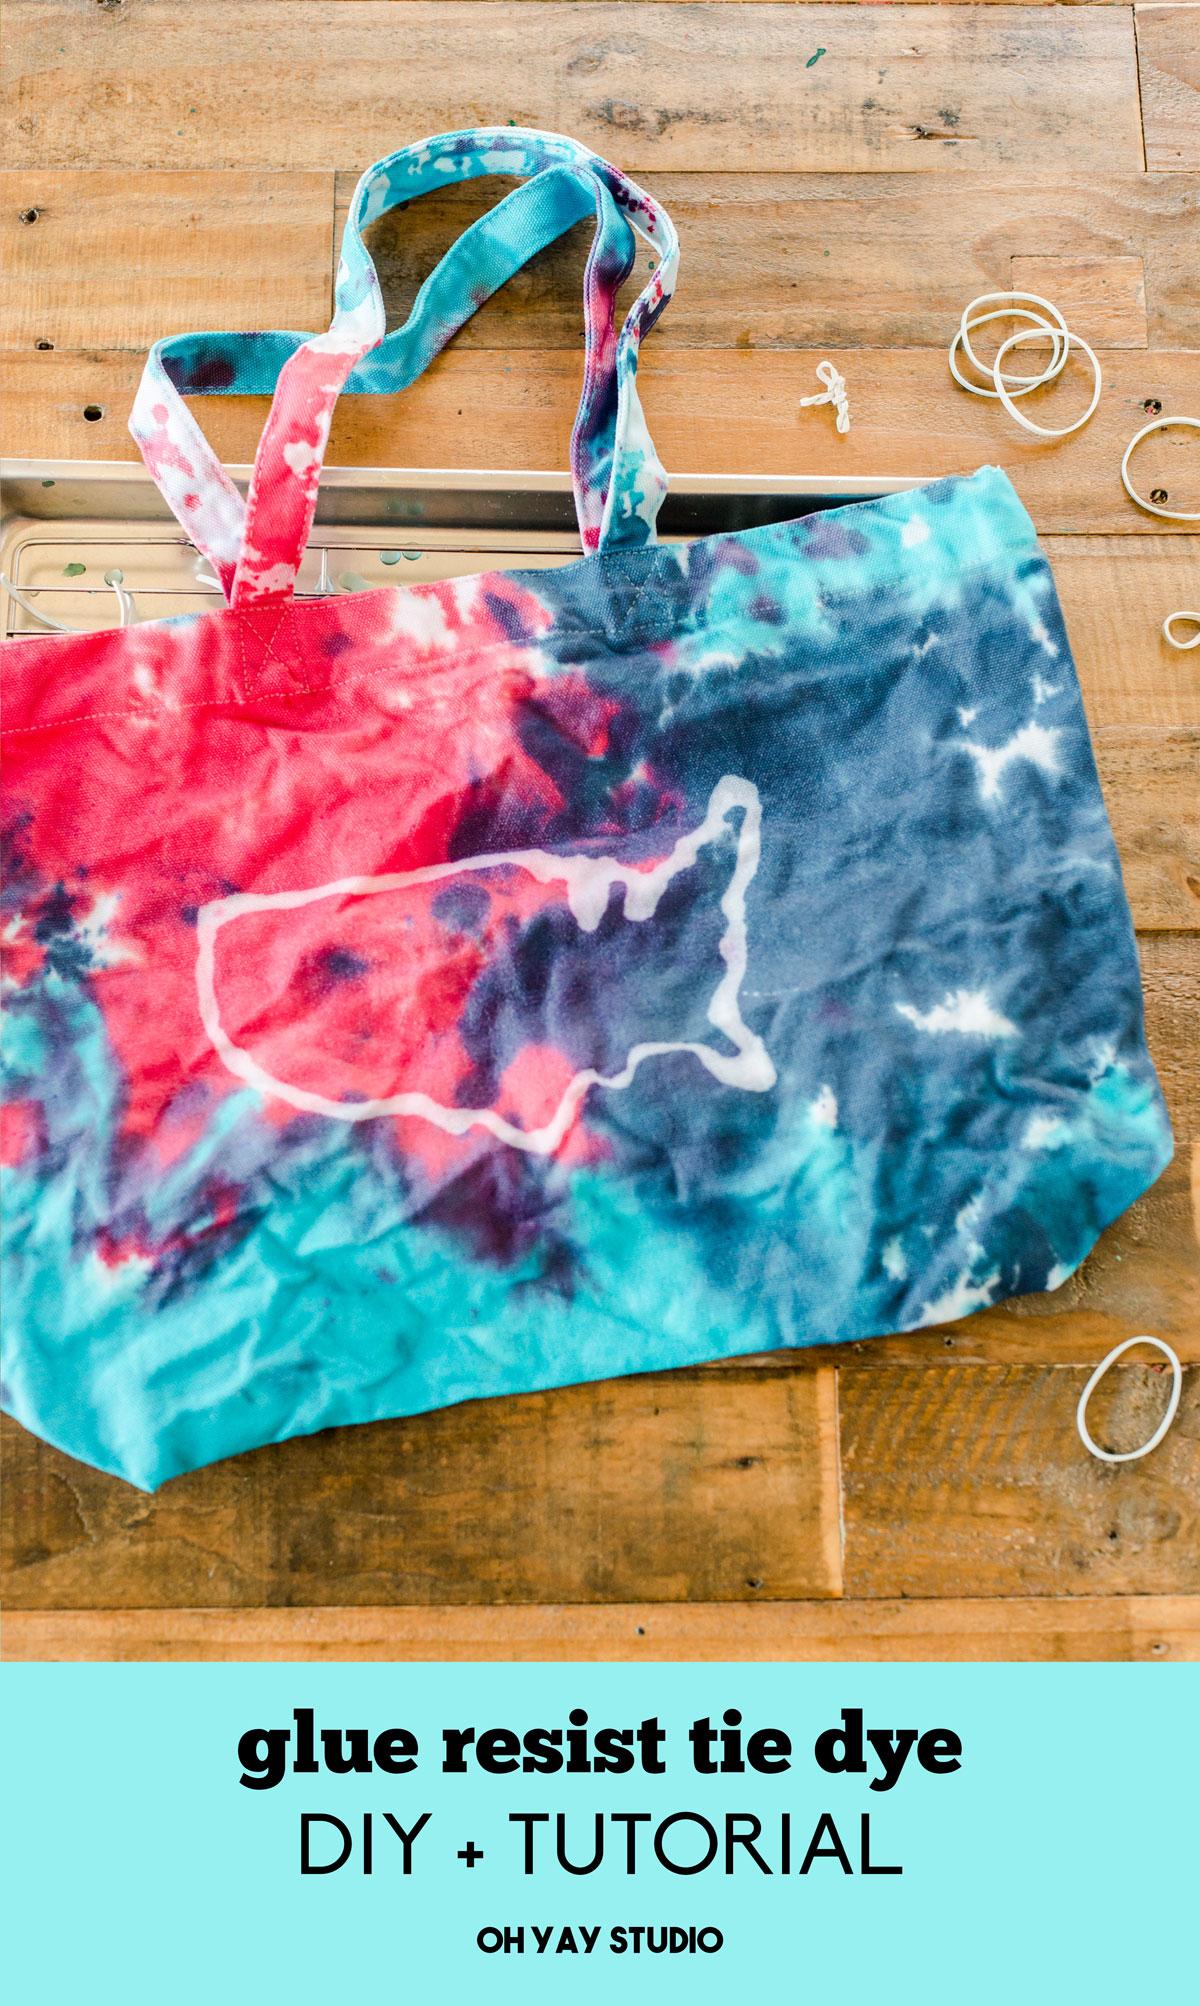 Glue resist tie dye, olympic tie dye idea, red white and blue tie die, how to glue resist with tie dye, tie dye DIY